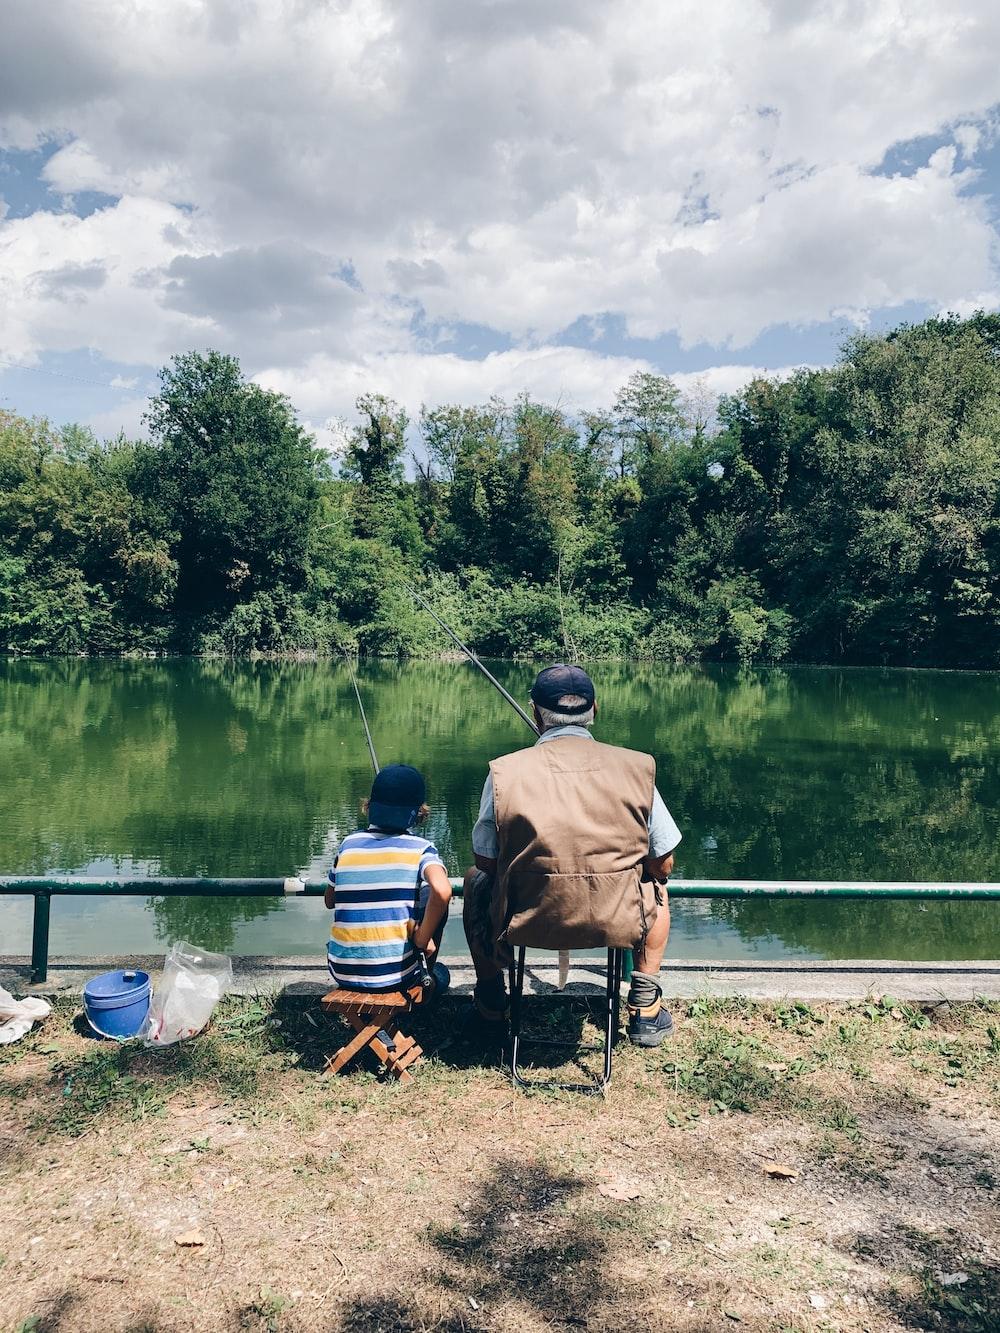 man in black shirt sitting on chair near lake during daytime